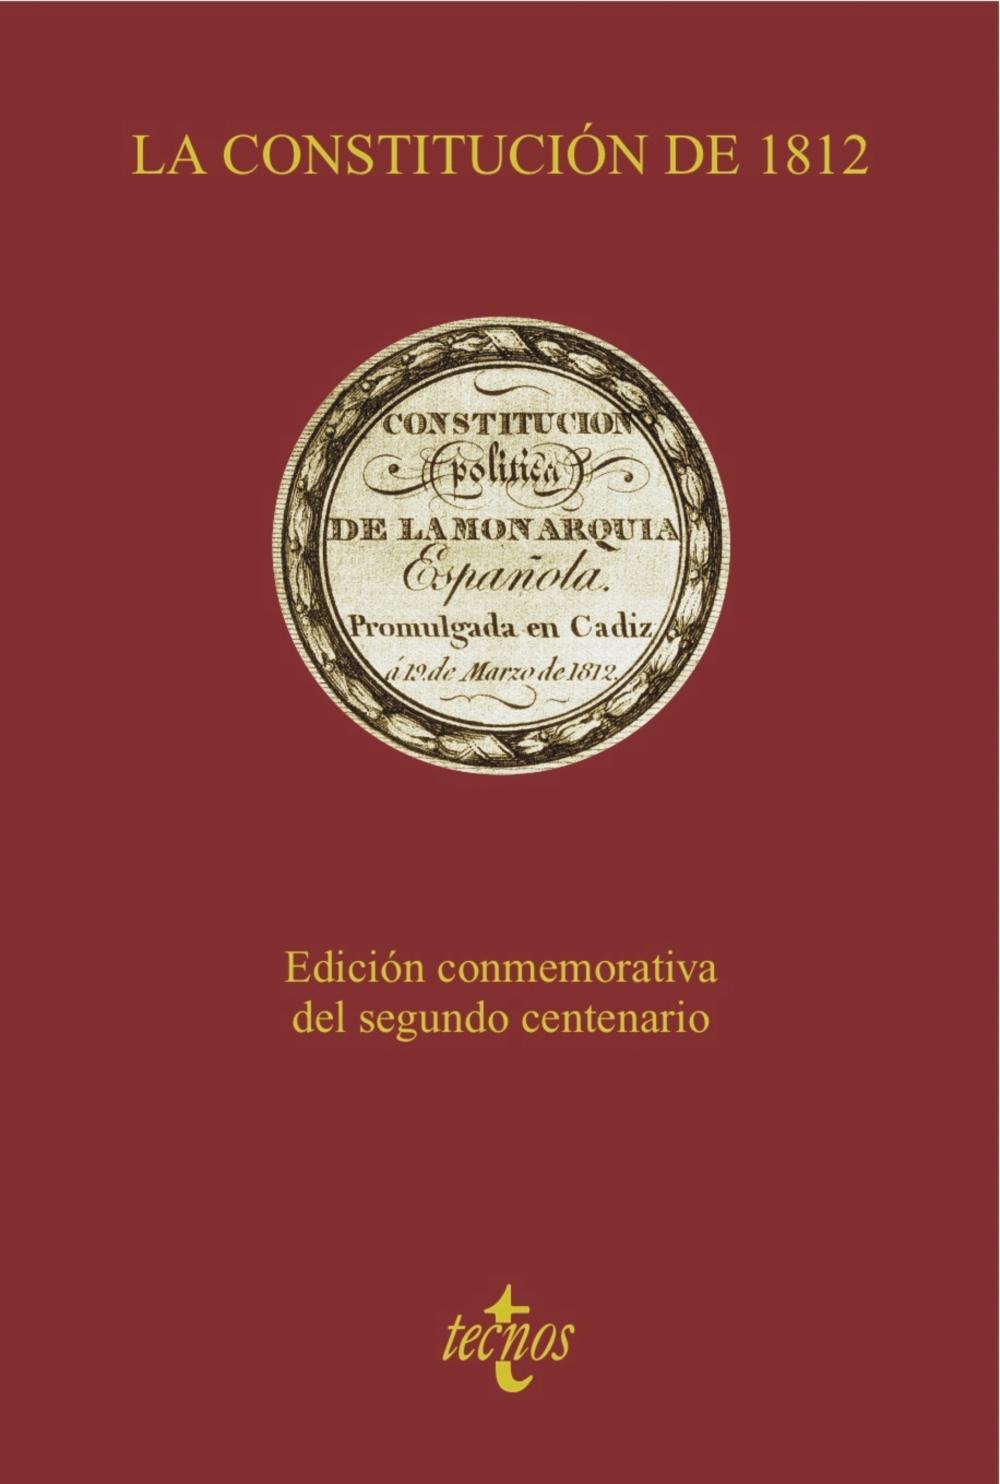 La Constitución de 1812